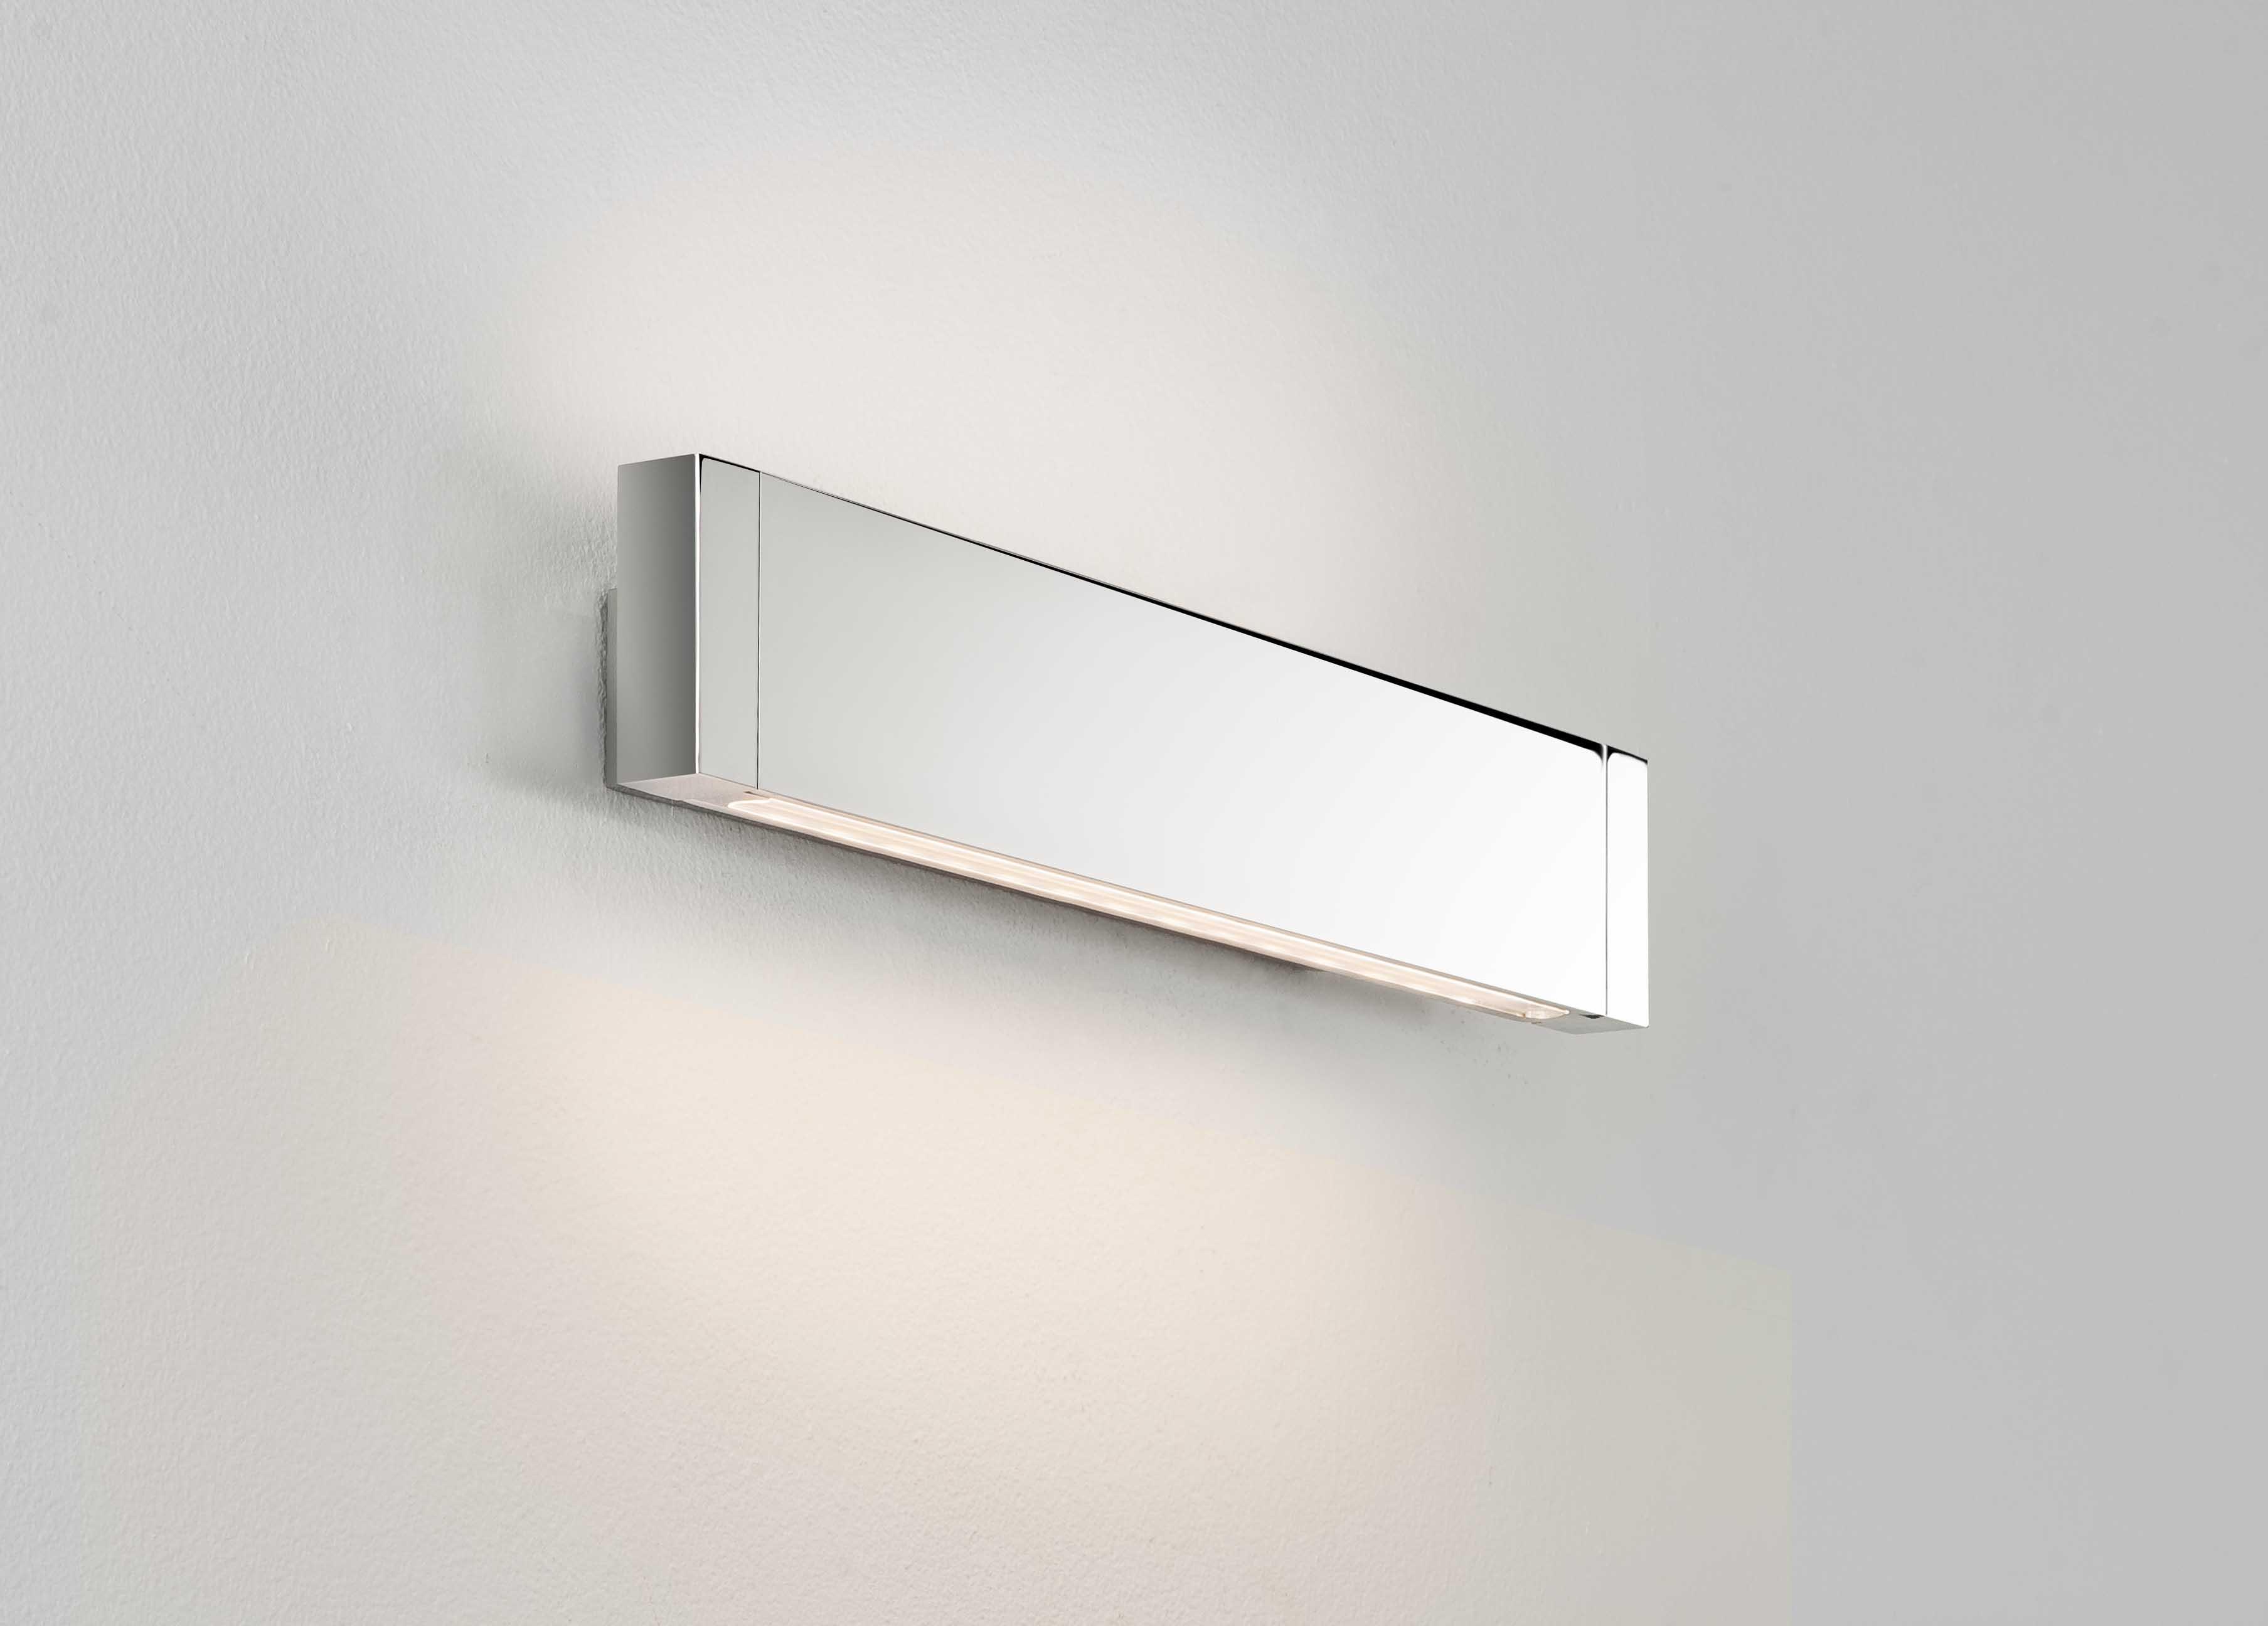 luce led specchio bagno ~ Comarg.com = Lussuoso Design del Bagno con ...